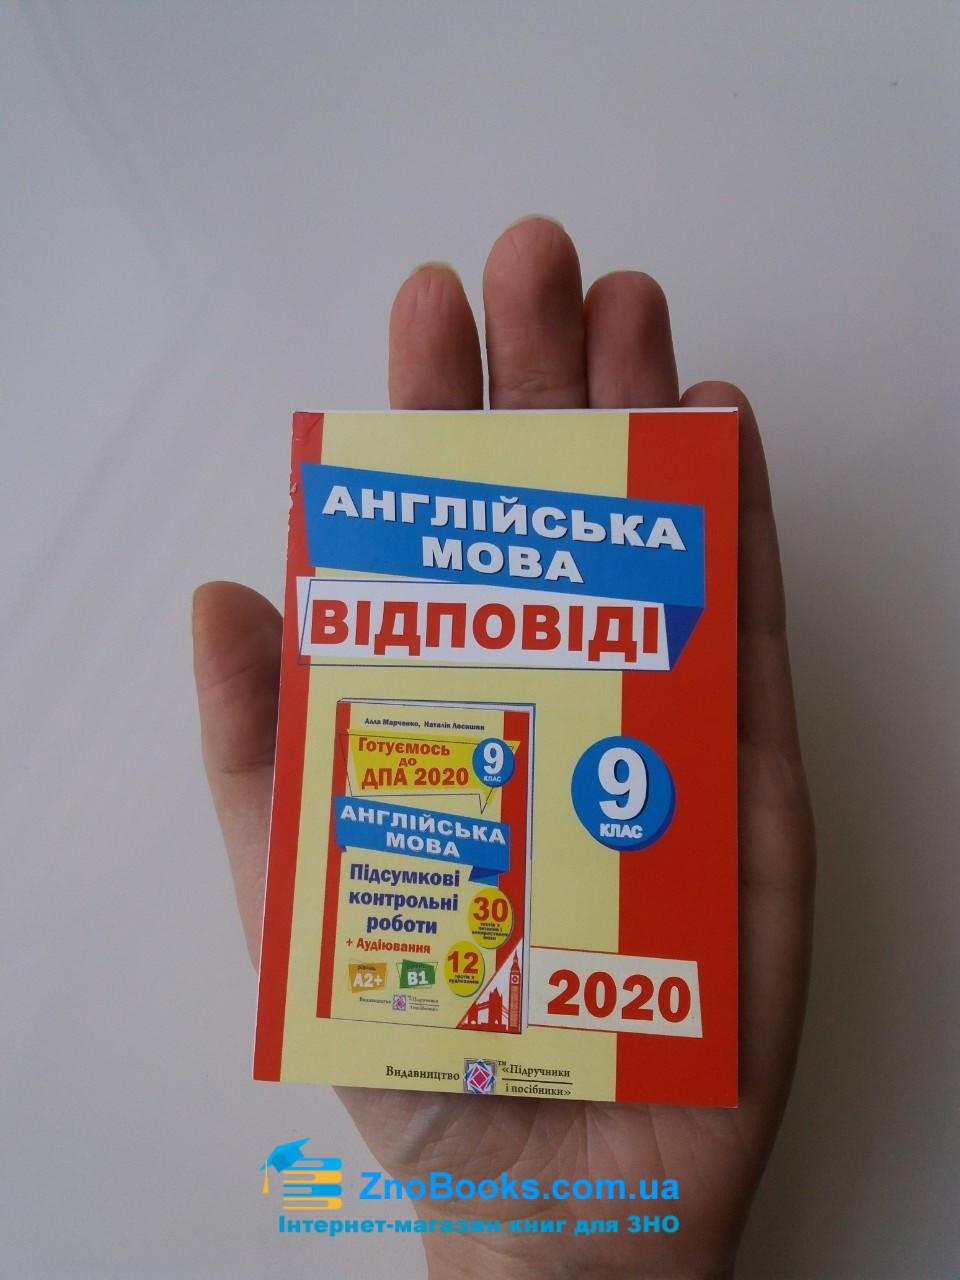 ШПАРГАЛКА. Відповіді для ДПА 2020 з англійської мови 9 клас : Марченко А. Підручники і посібники. Купити 0